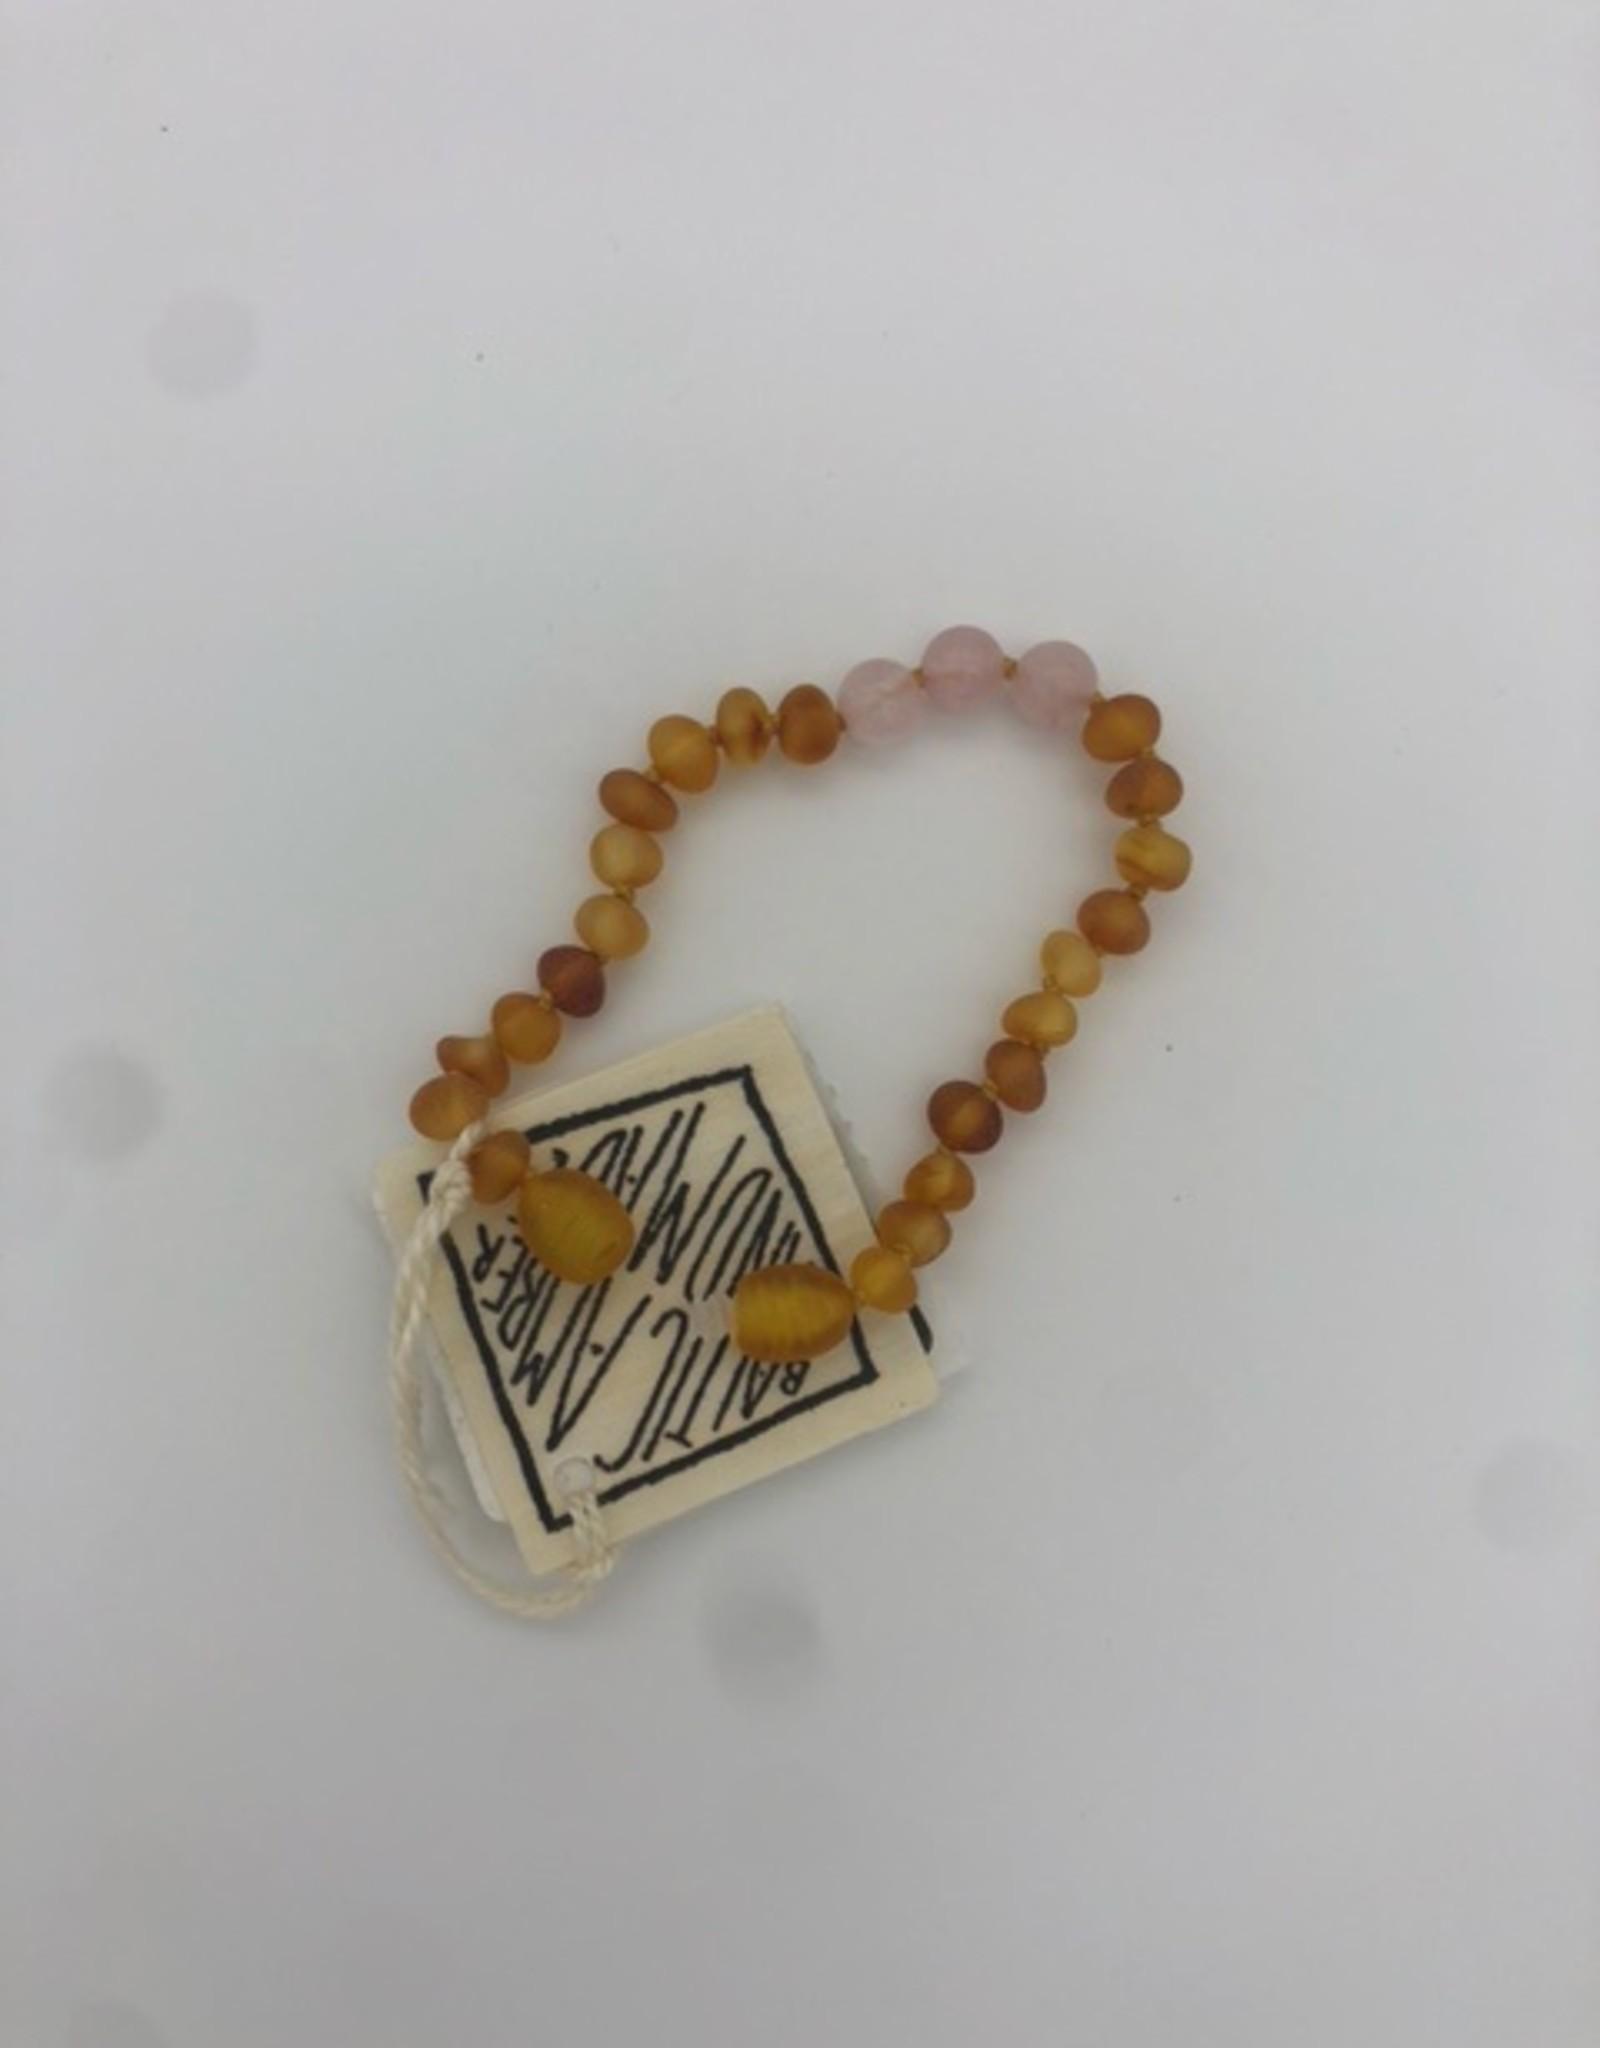 Canyon Leaf Canyon Leaf - Raw Honey Amber + Rose Quartz Bracelet